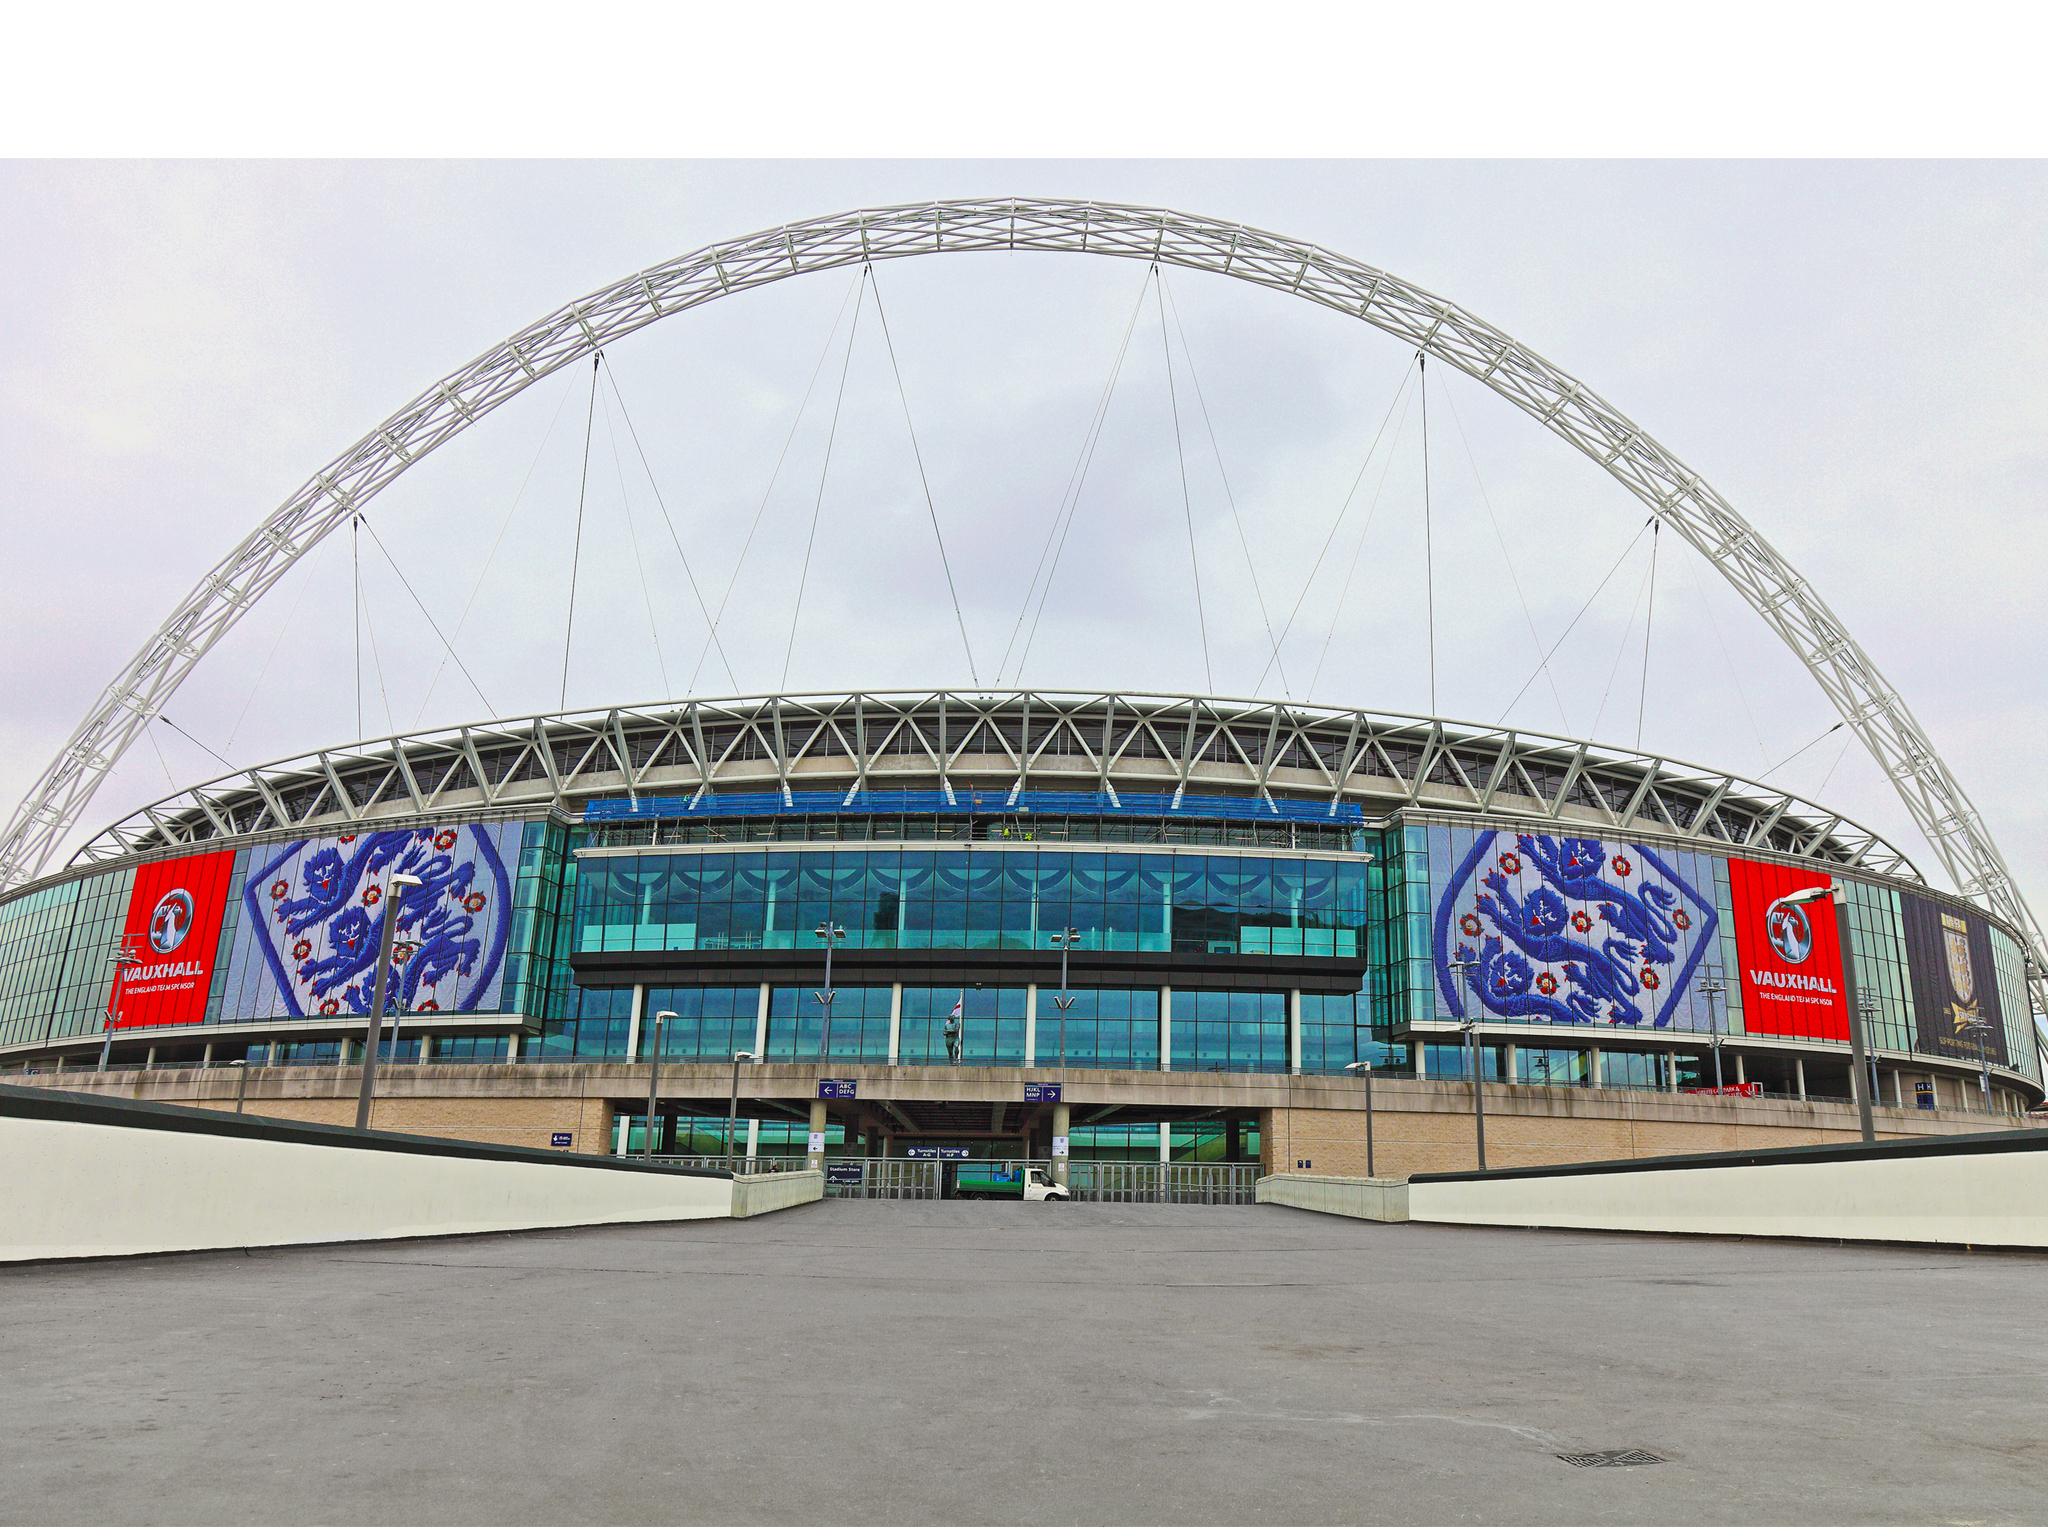 Wembley Stadion Verein